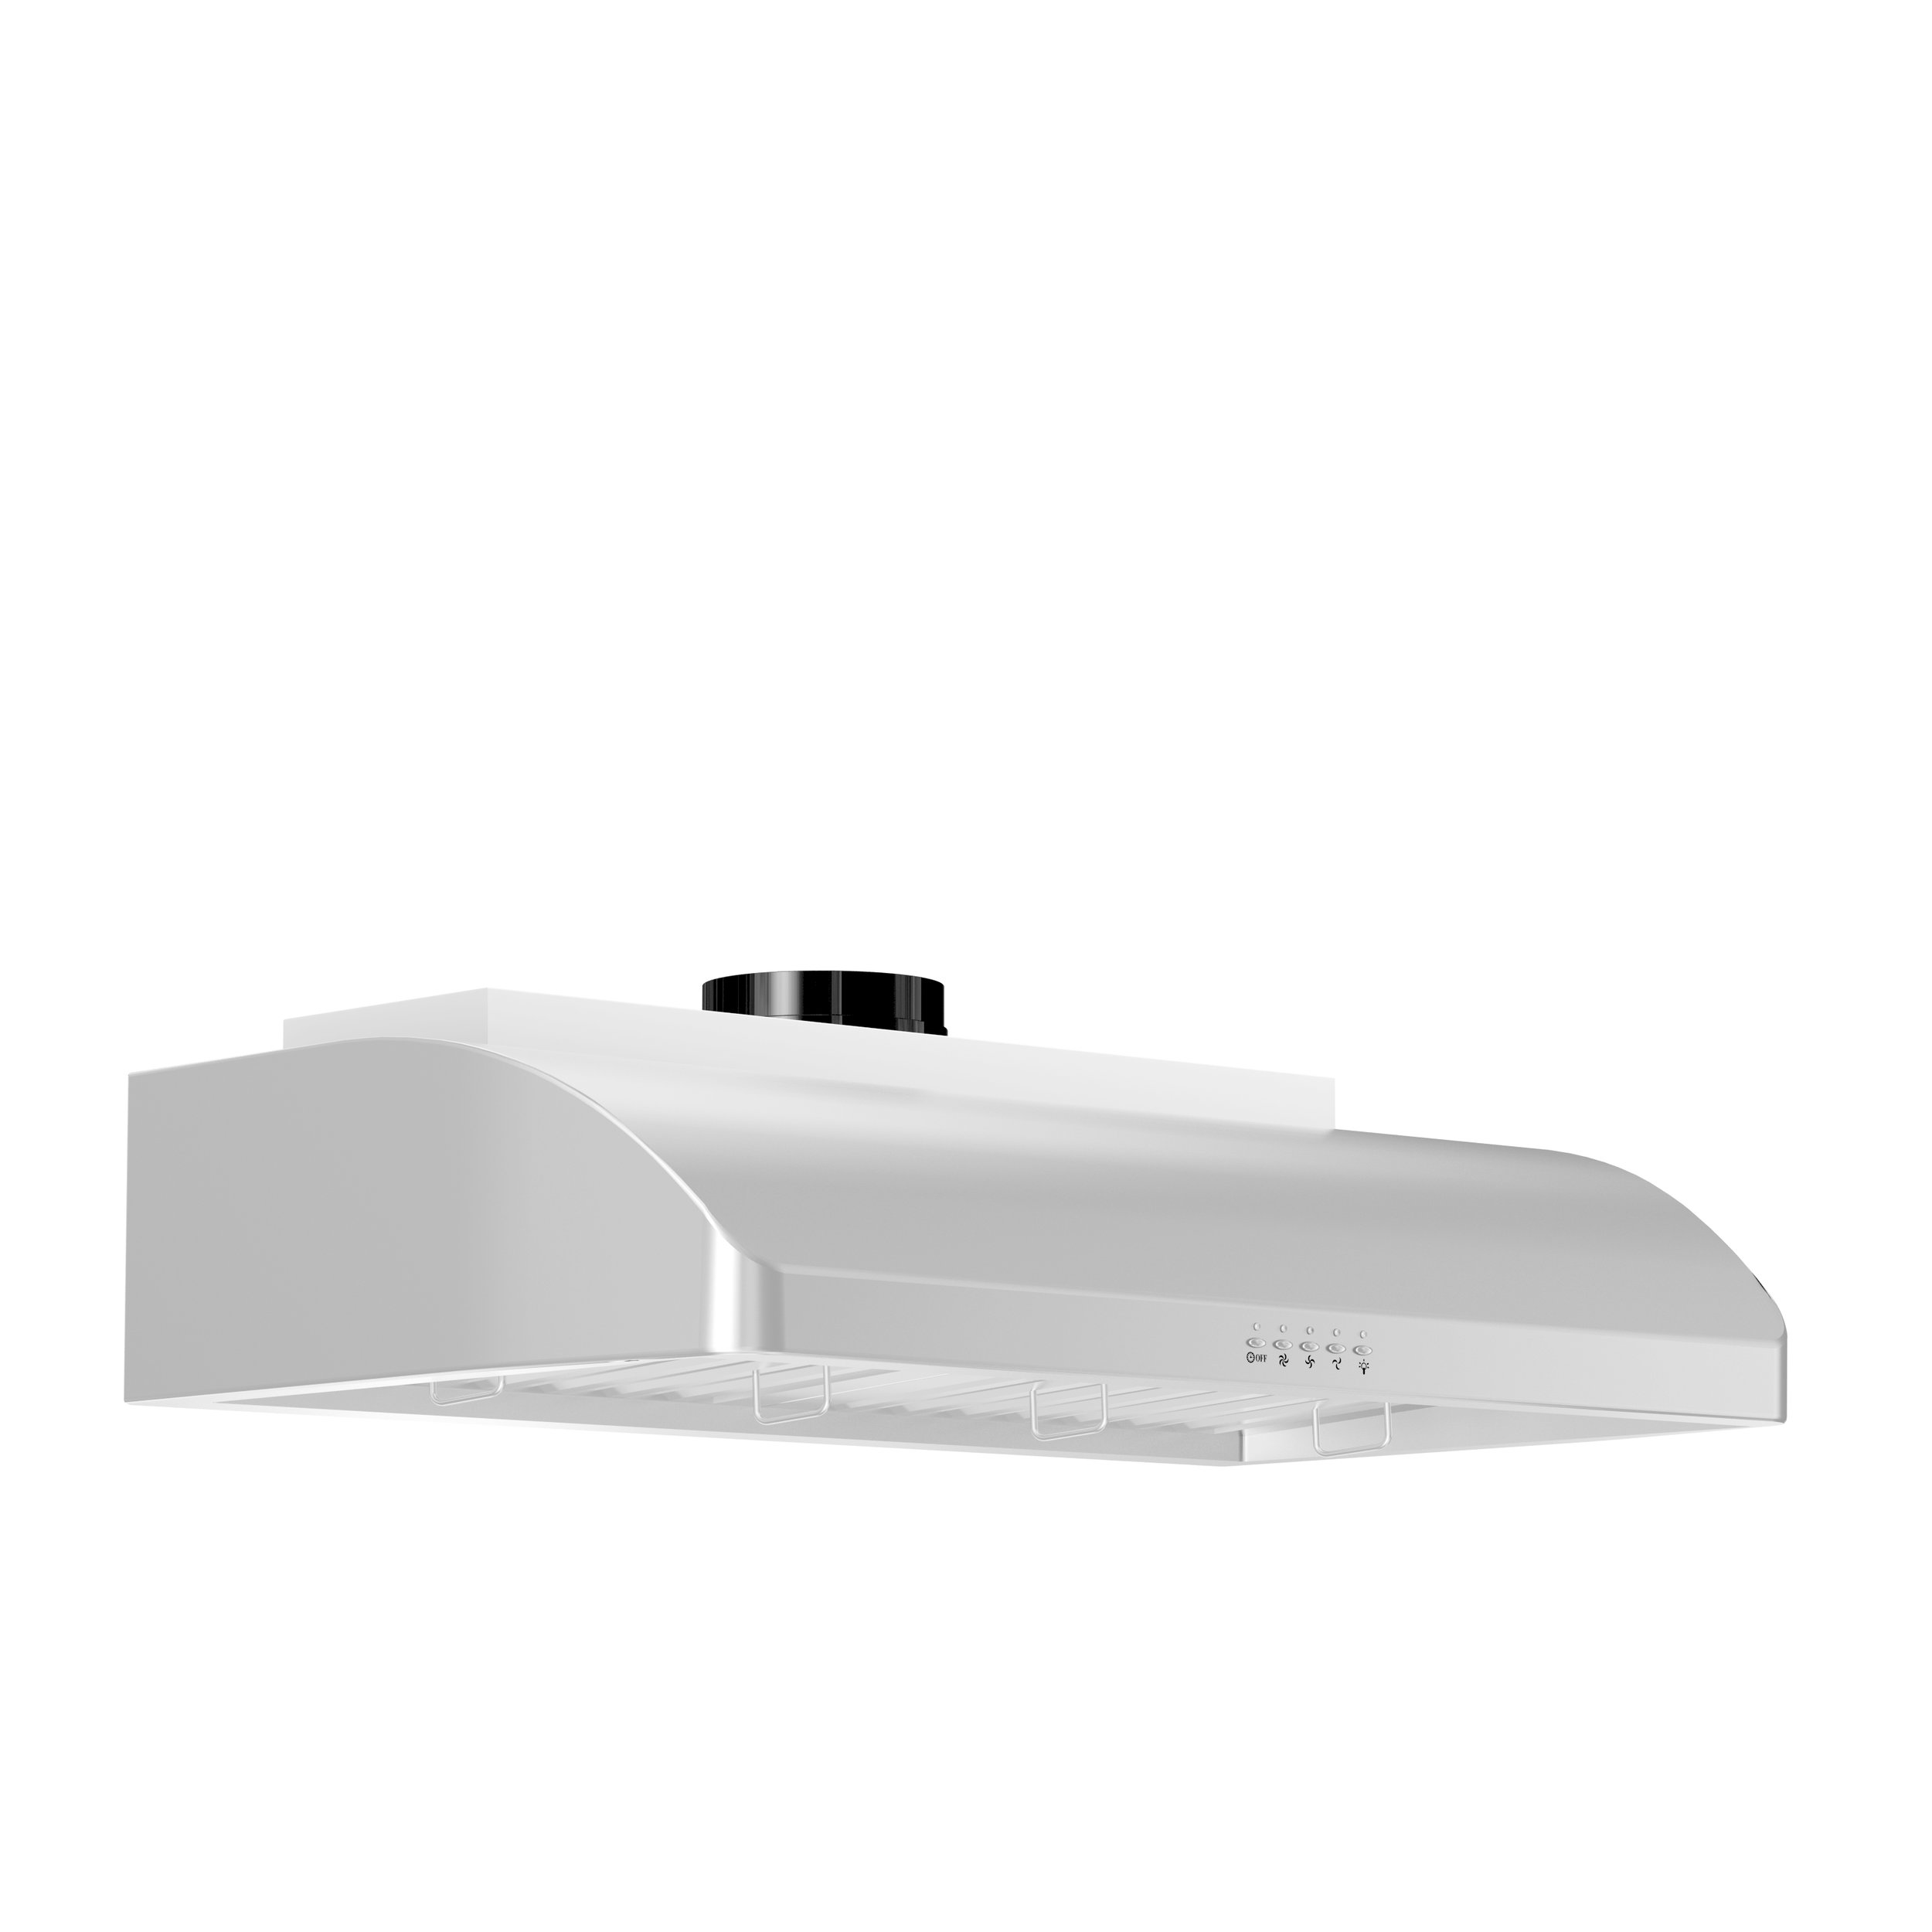 zline-stainless-steel-under-cabinet-range-hood-625-main.jpeg